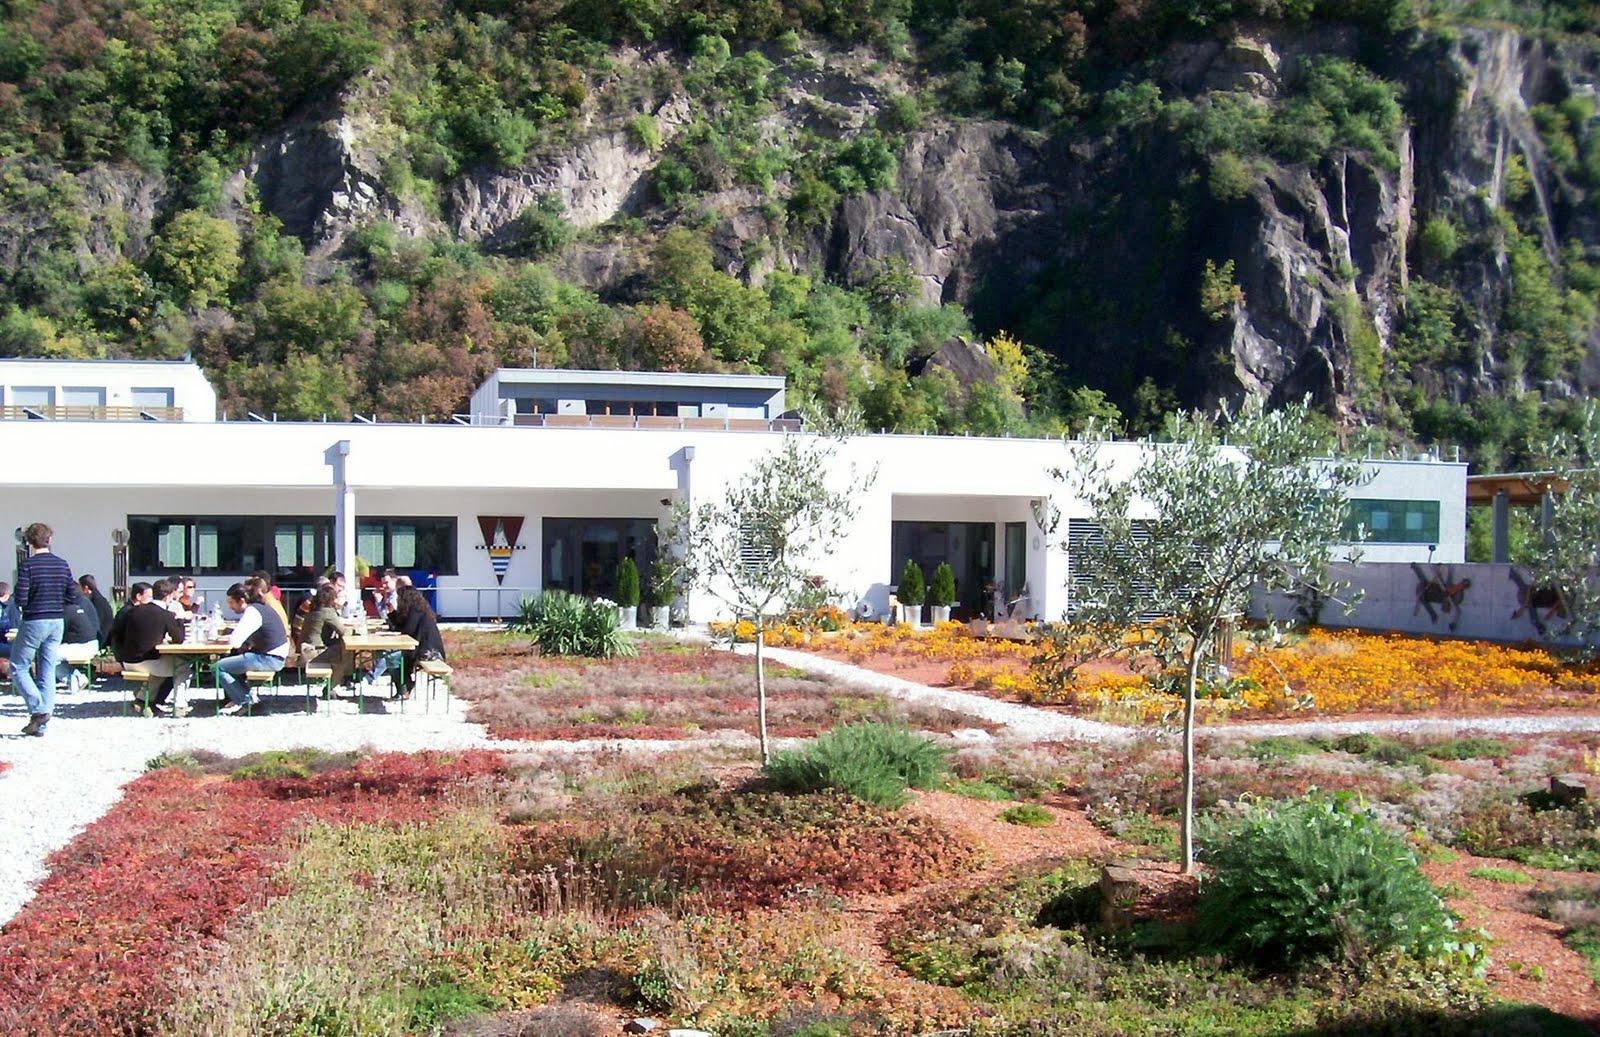 verde siamo sul tetto della sede della naturaliabau a merano